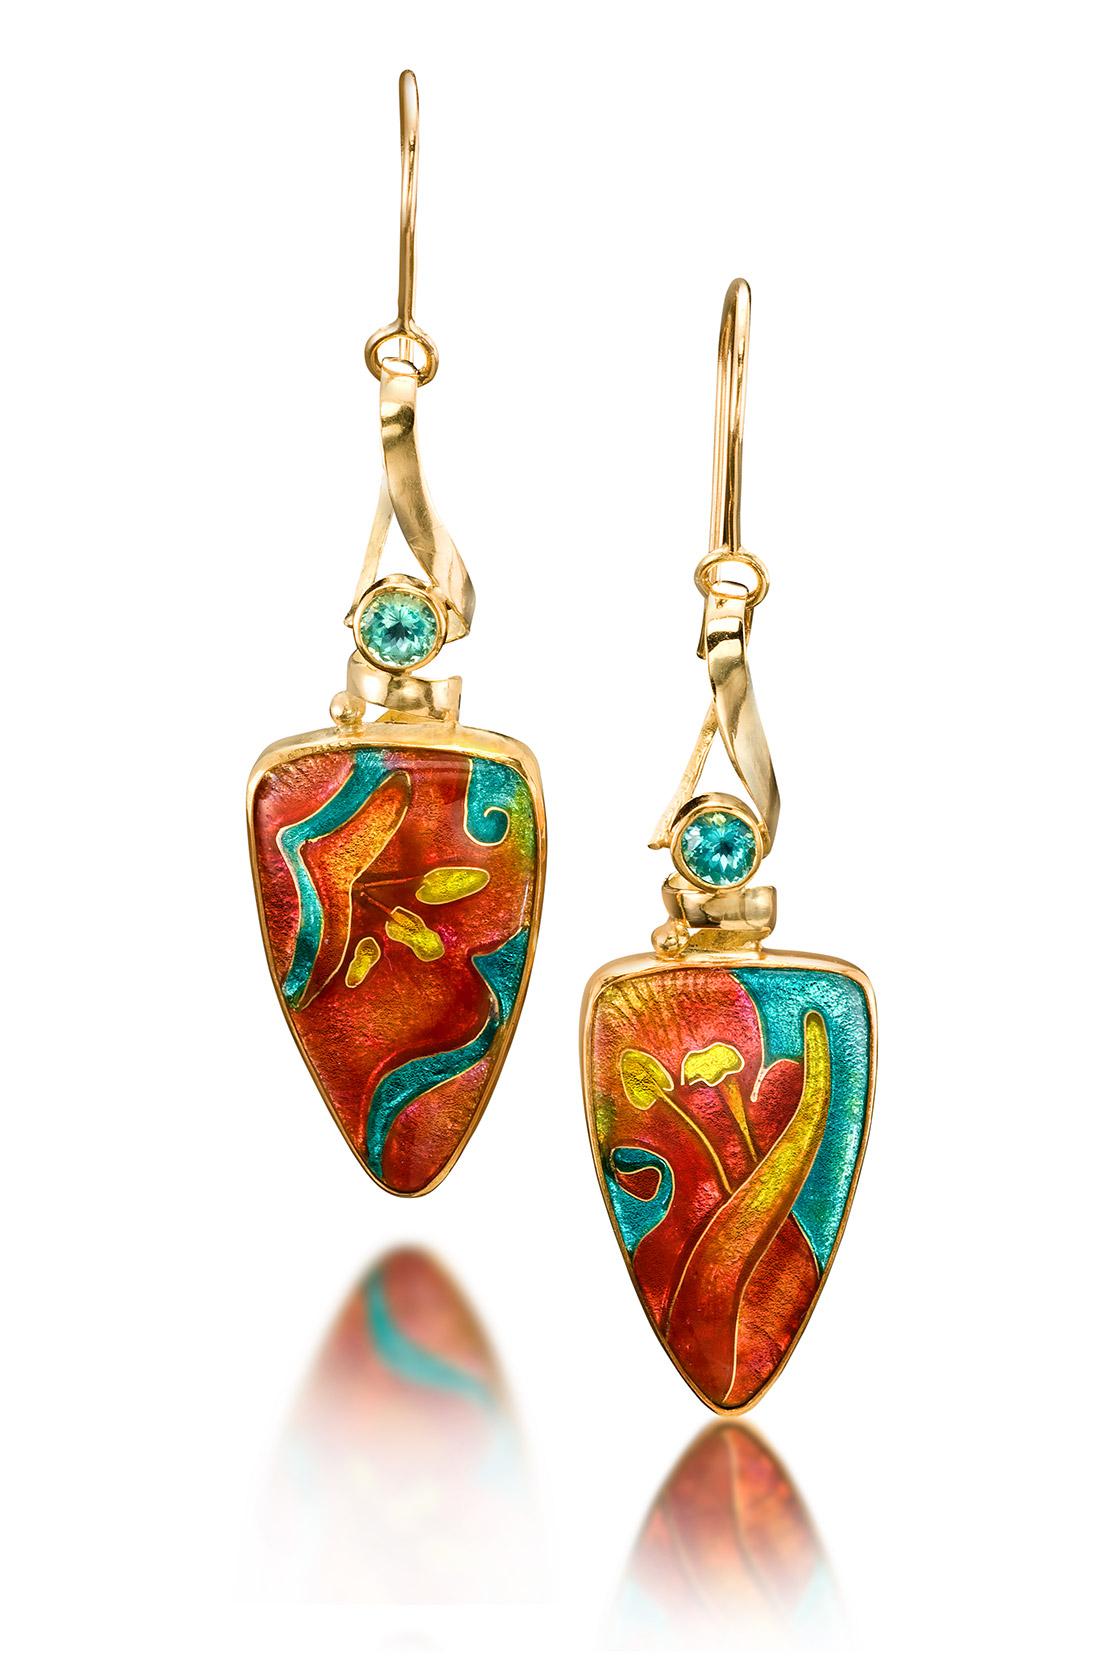 Custom Enamel Earrings | Spring Flowers | Enamel Jewelry by Patsy Croft